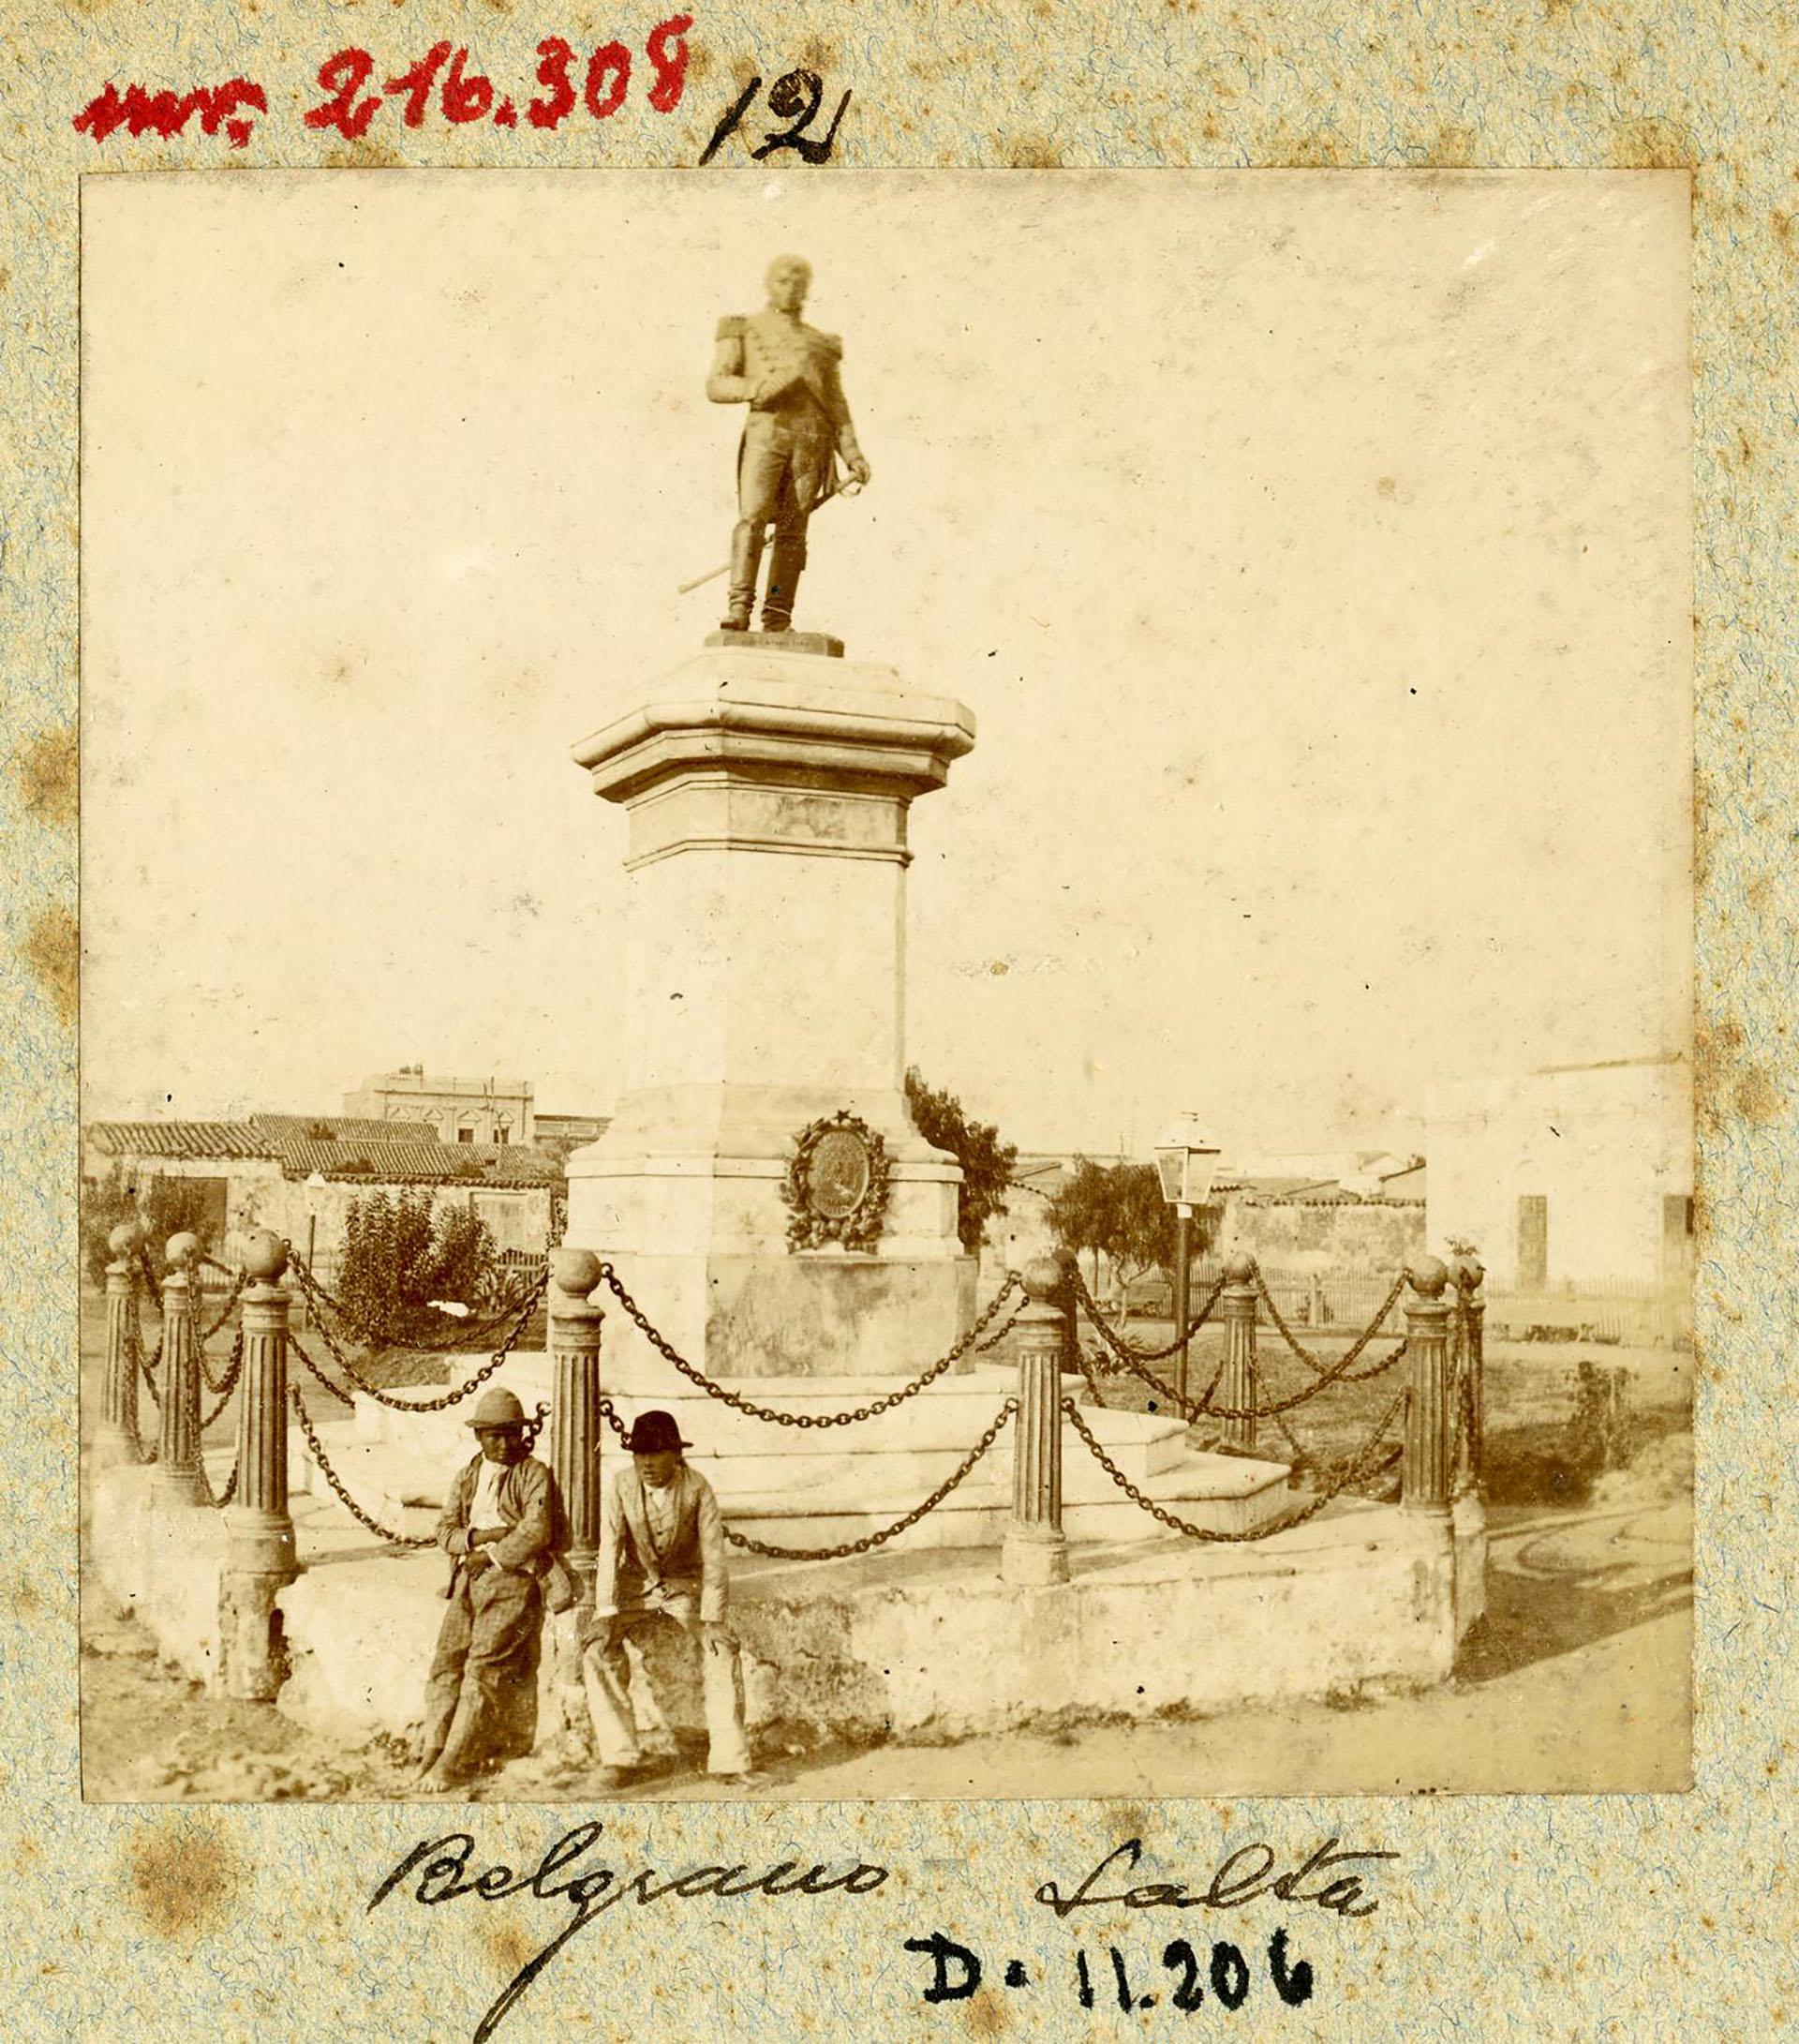 Monumento al General Belgrano en Salta (Archivo General de la Nación)